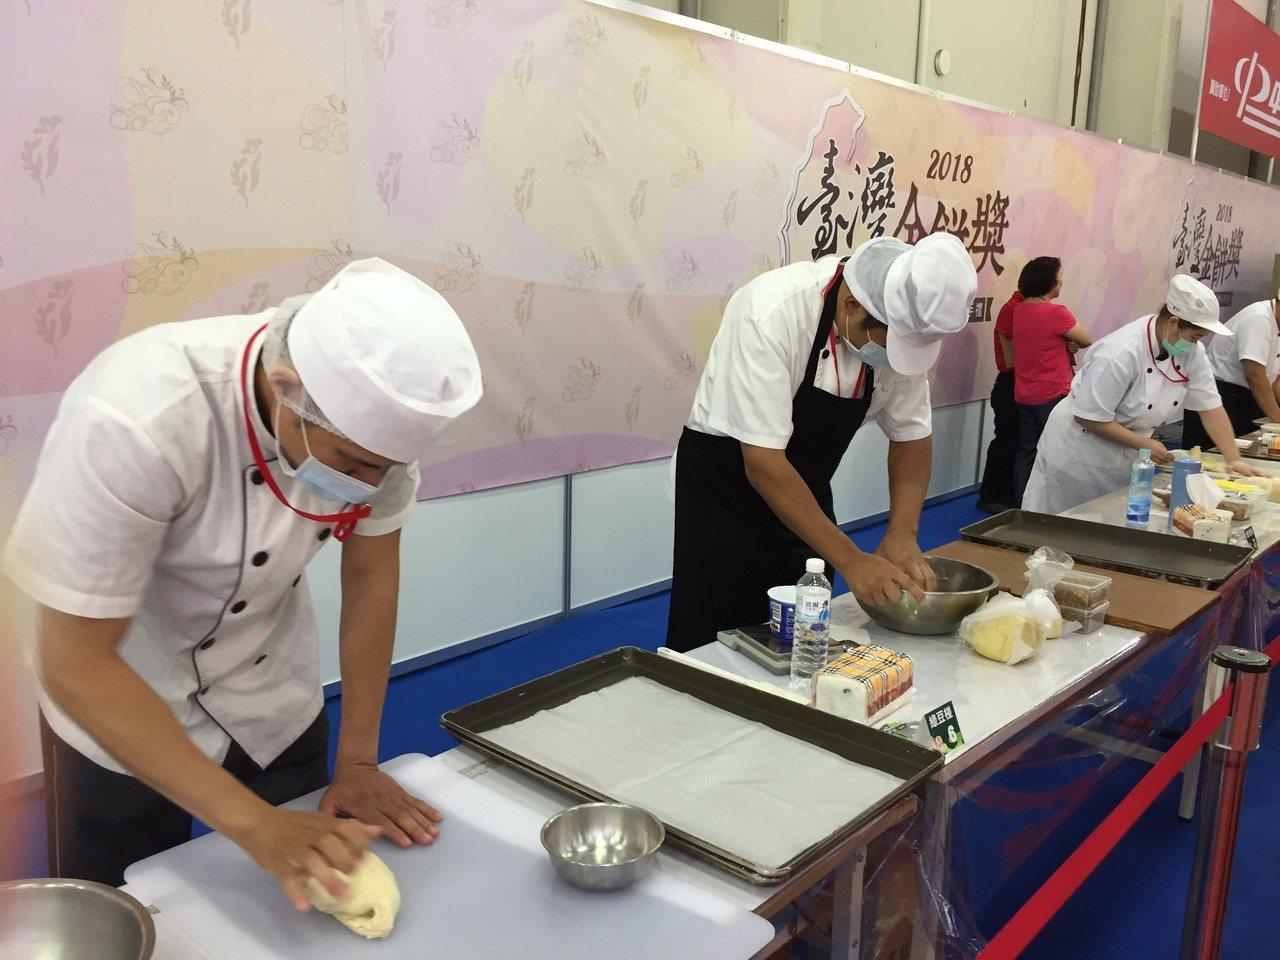 「台灣金餅獎糕餅競賽」在台中世貿中心舉行。記者余采瀅/攝影